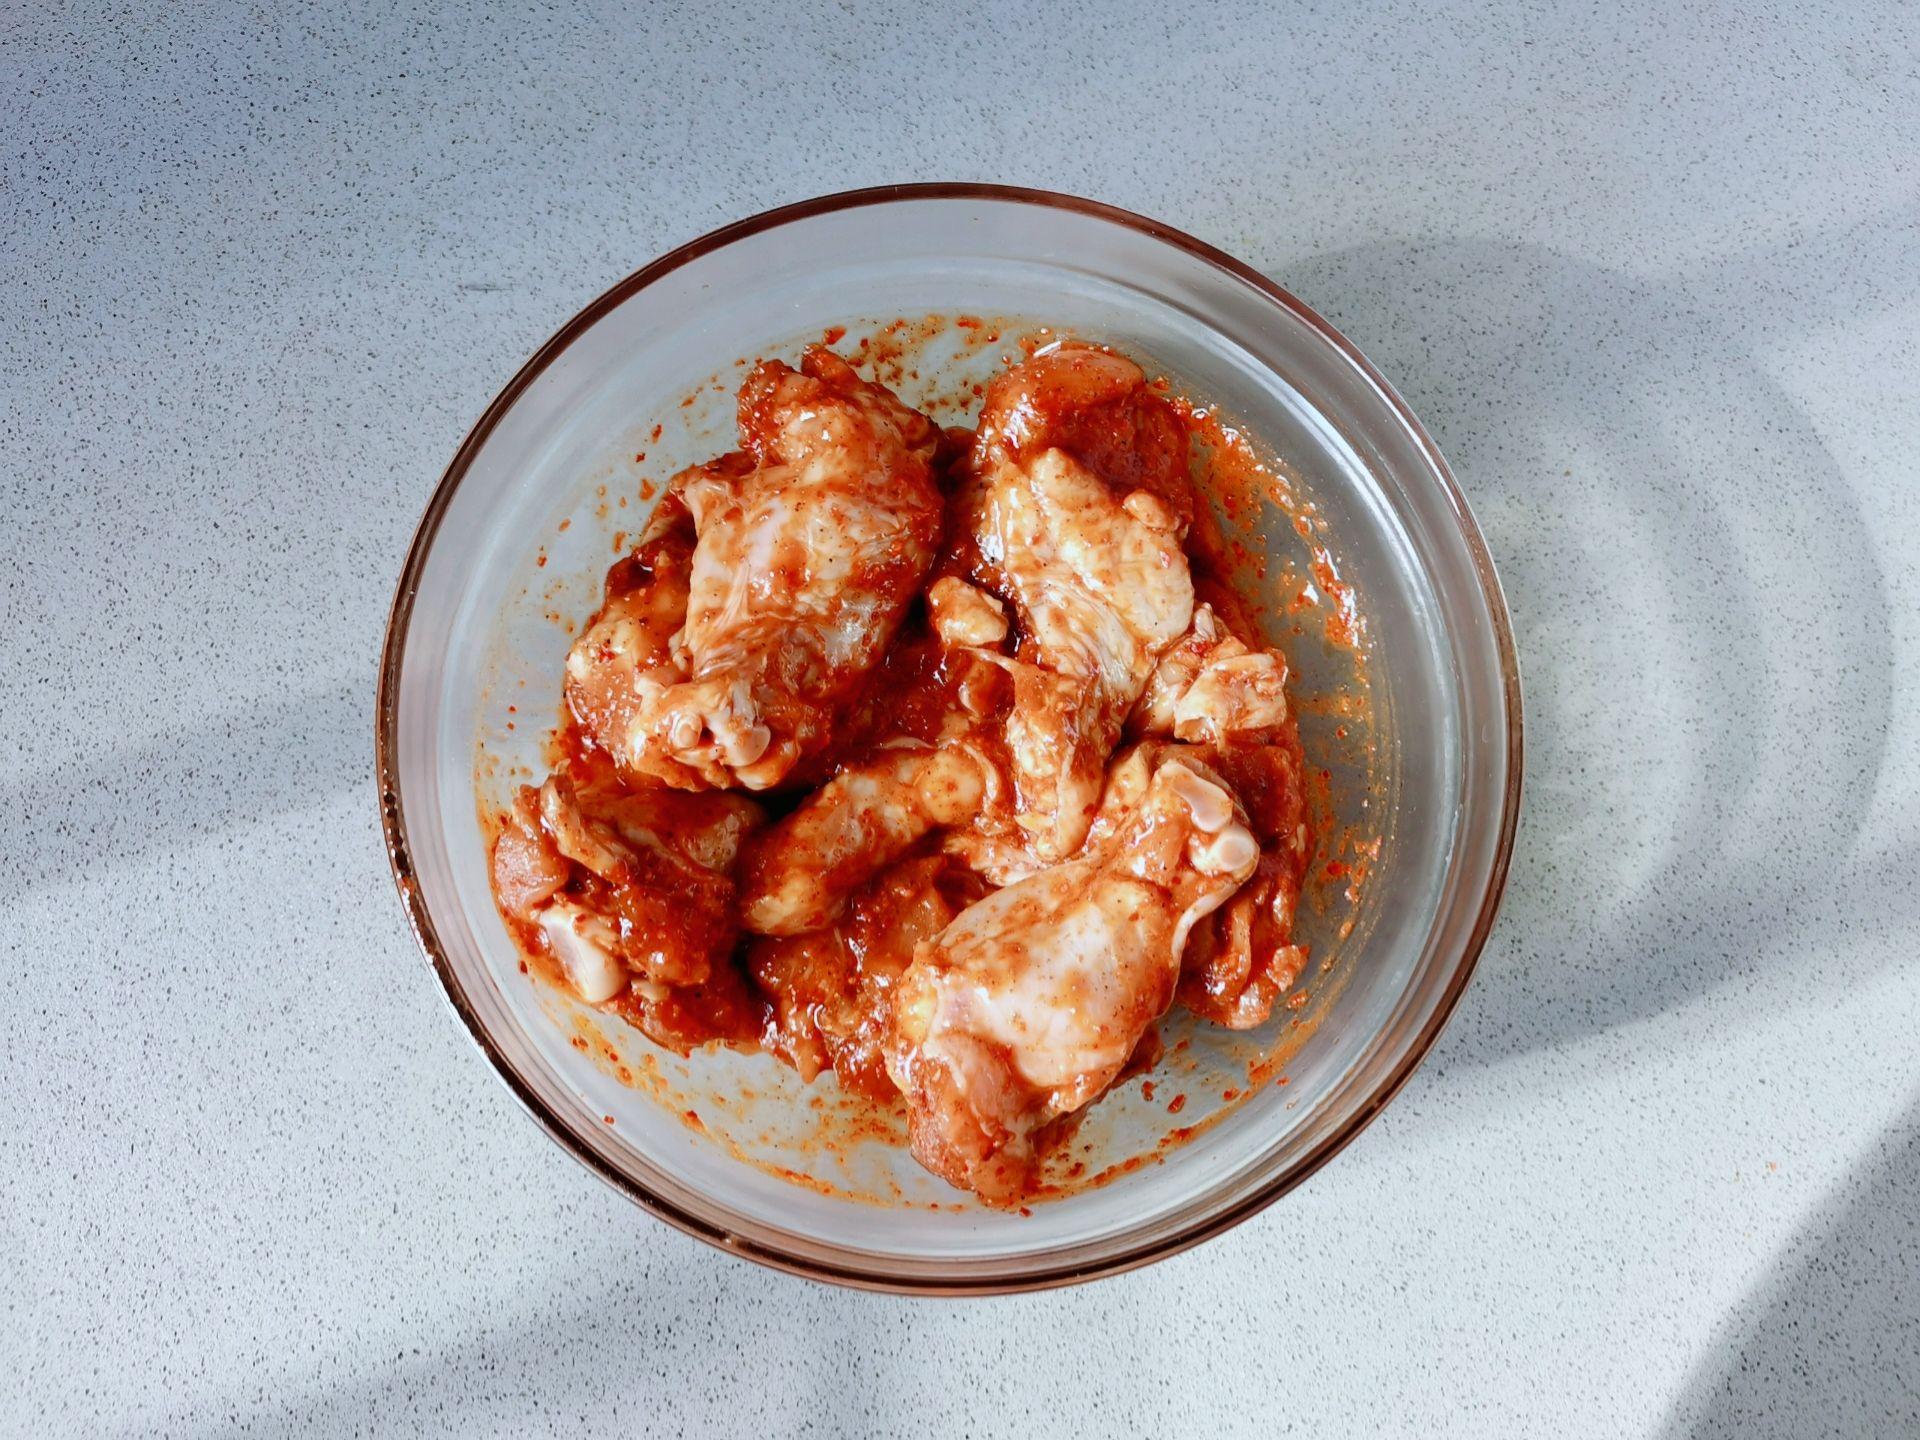 自制蜜汁烤鸡翅根,外酥里嫩好吃到转圈圈的家常做法